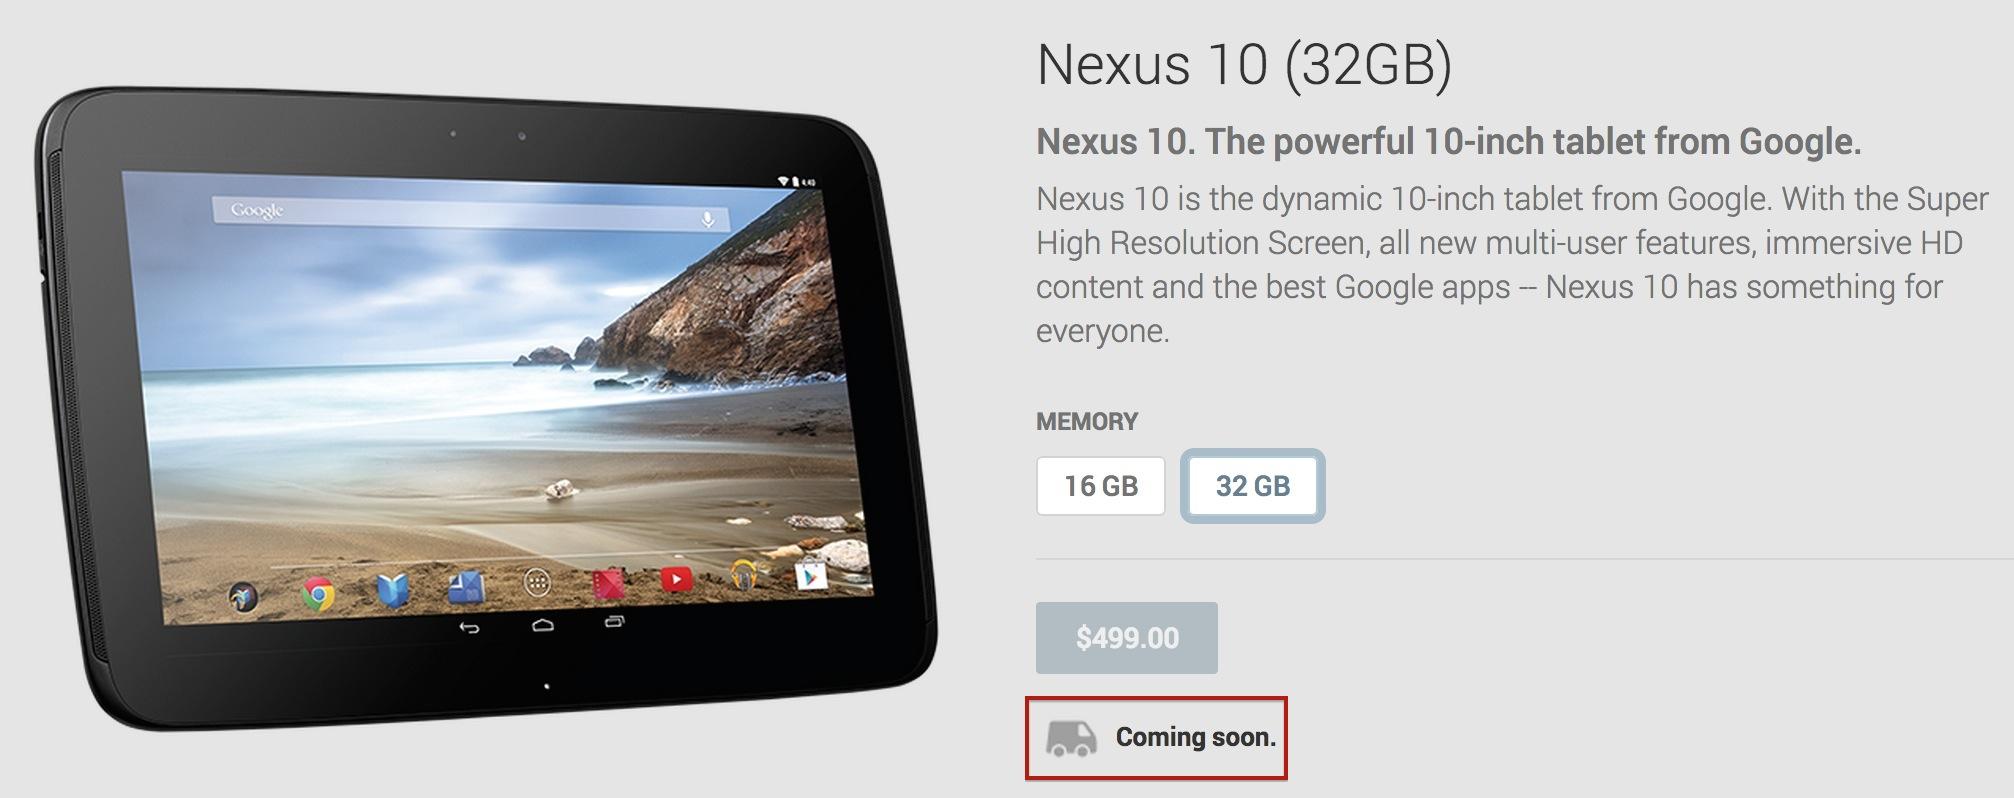 nexus-10-coming-soon